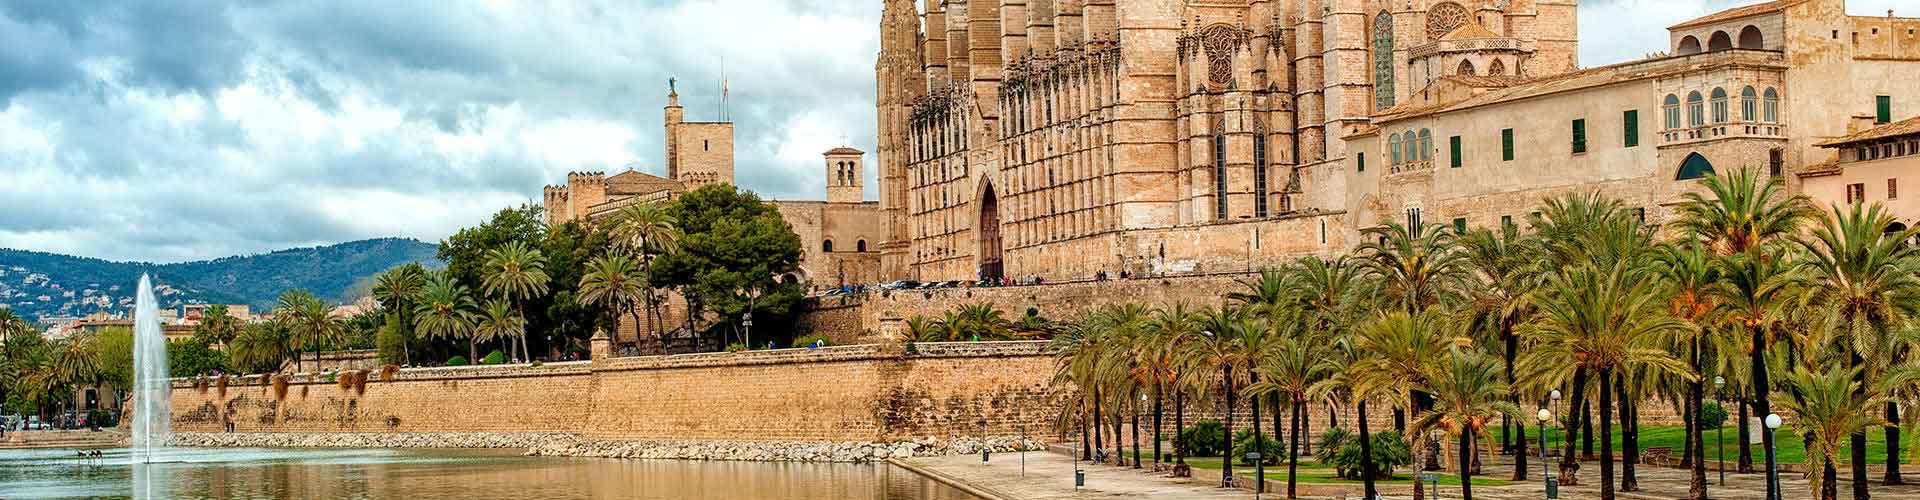 Palma de Mallorca – Hostels in Palma de Mallorca. Palma de Mallorca auf der Karte. Fotos und Bewertungen für jedes Hostel in Palma de Mallorca.